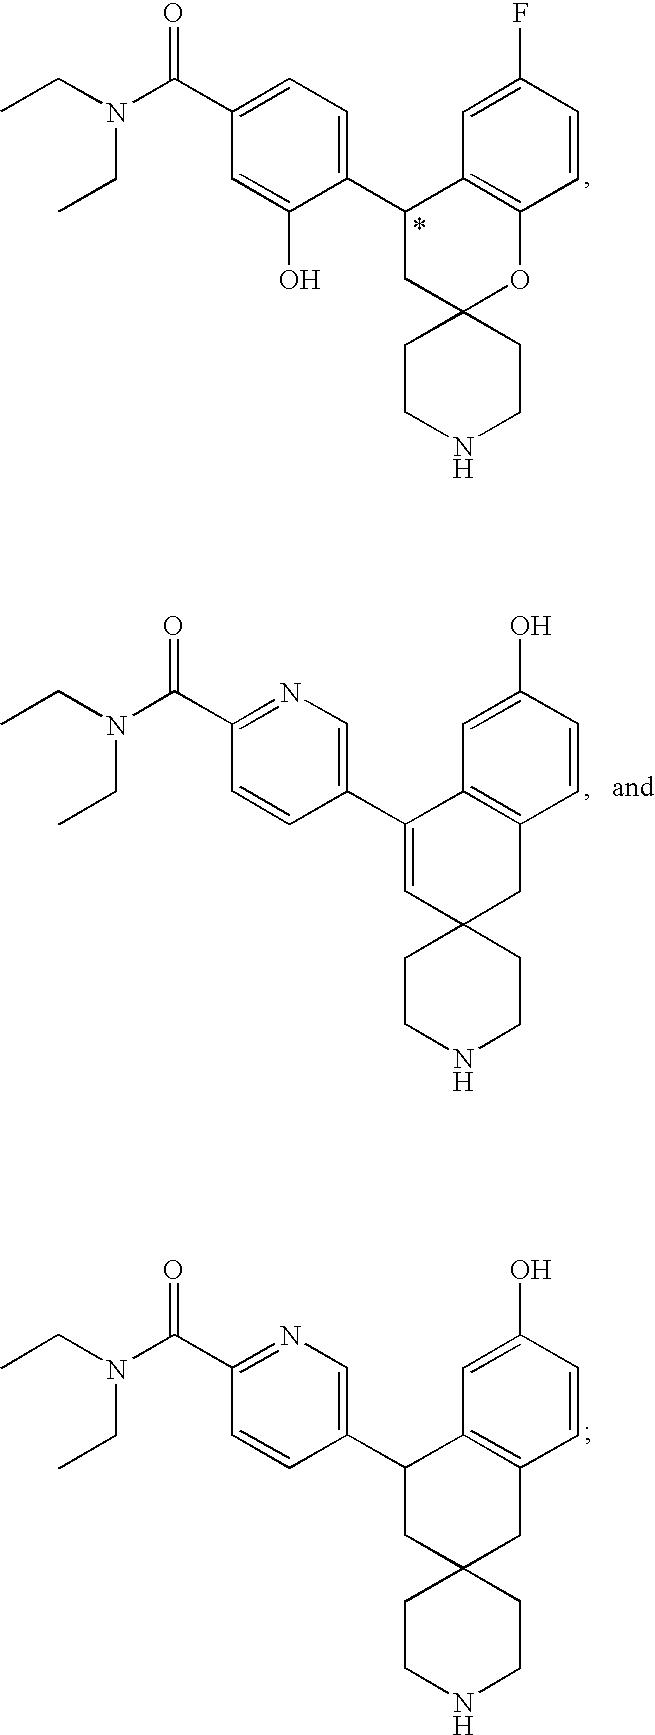 Figure US07598261-20091006-C00113